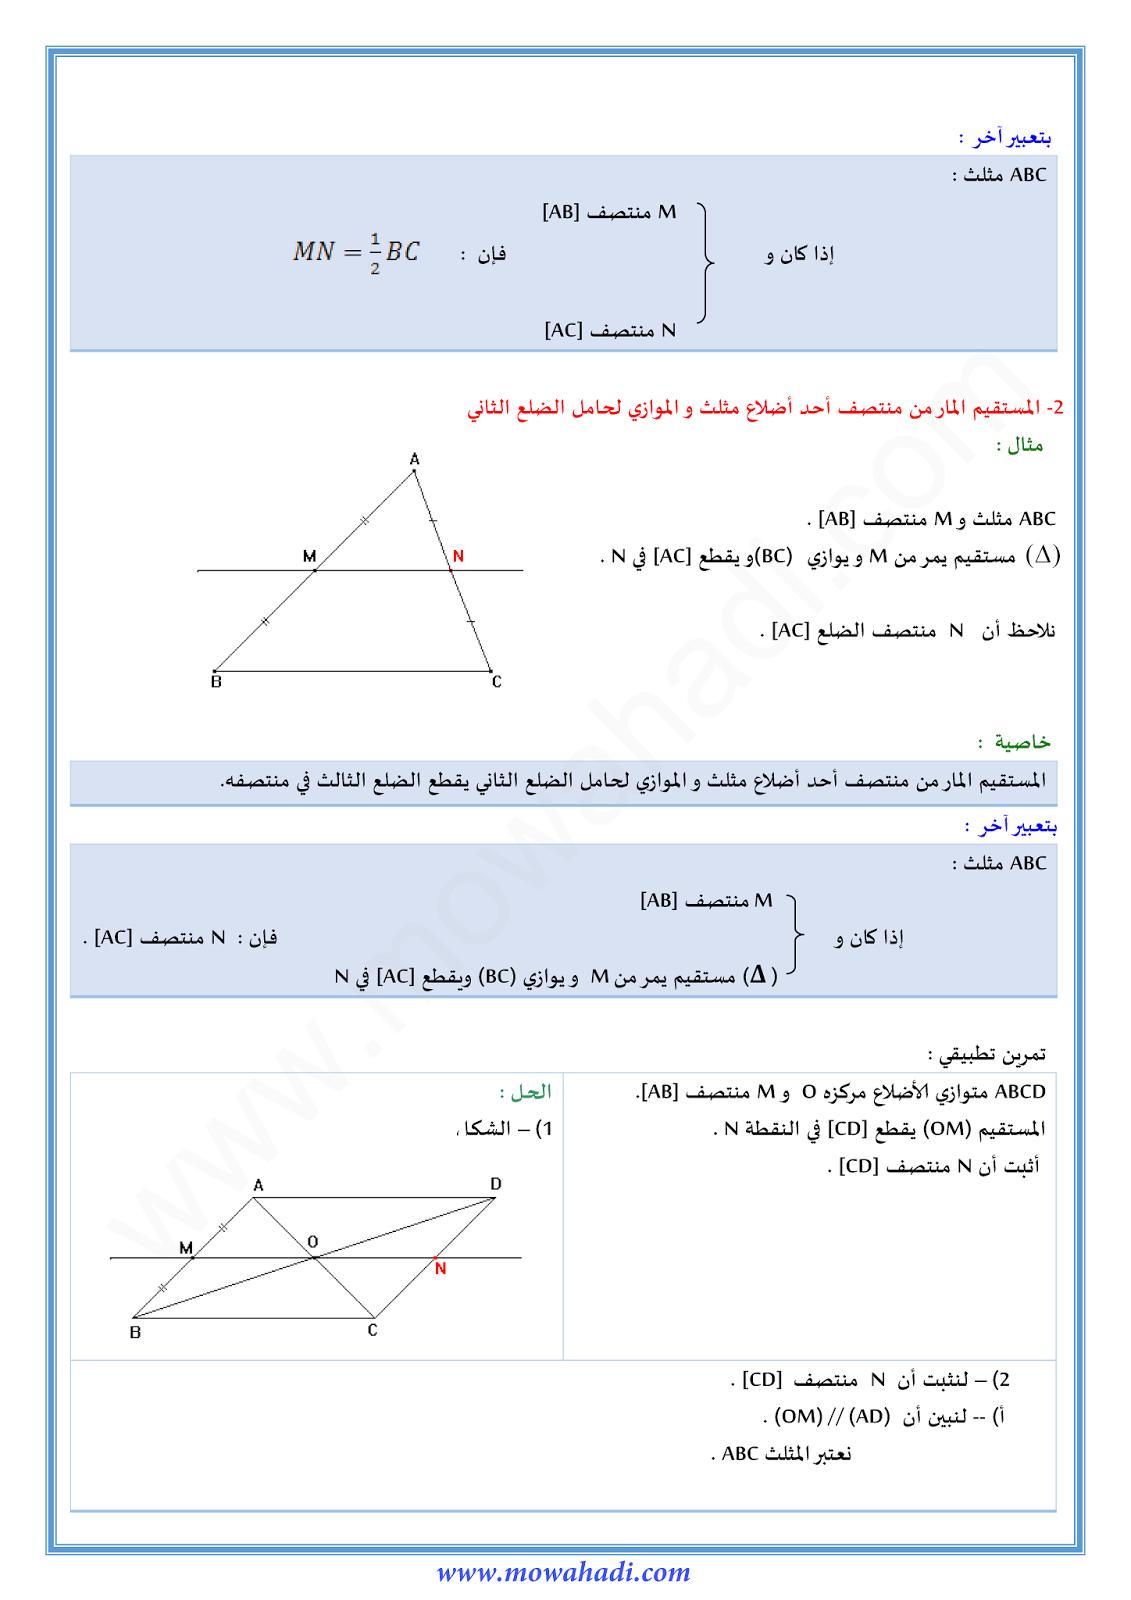 درس المستقيمات الموازية لأضلاع مثلث